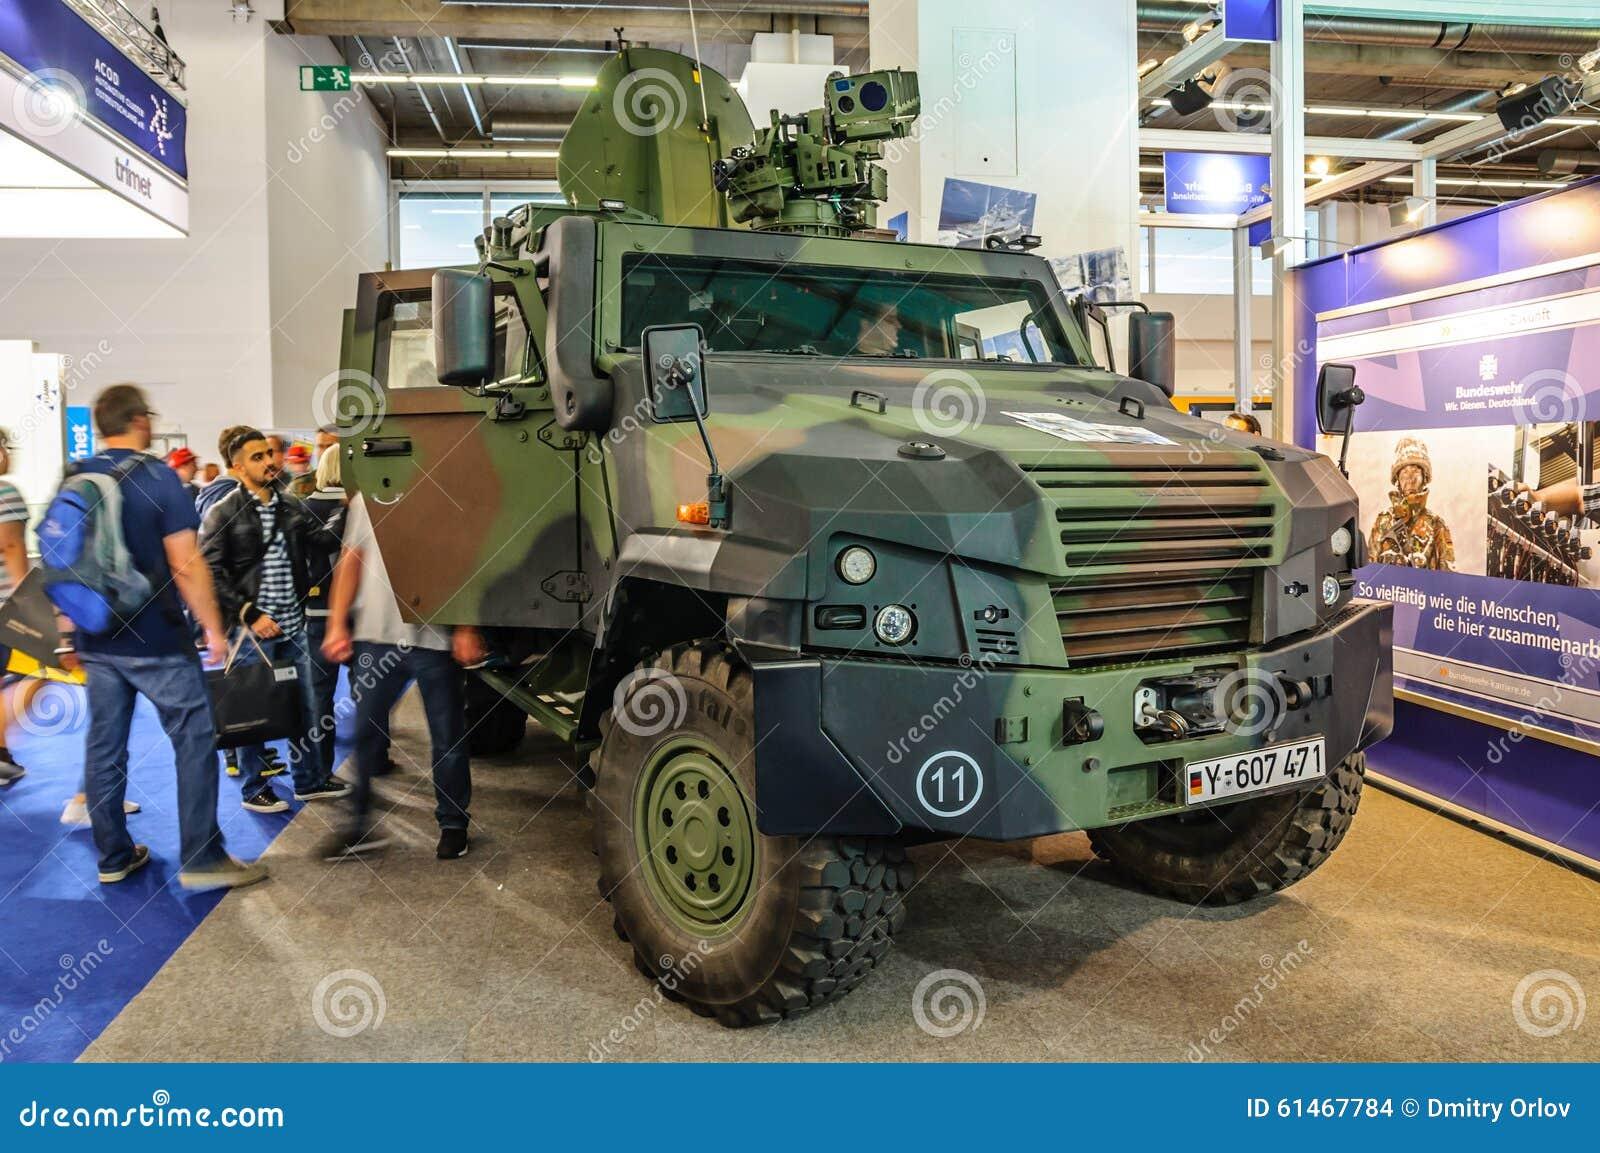 Merkel: Germany to heavily increase Bundeswehr budget